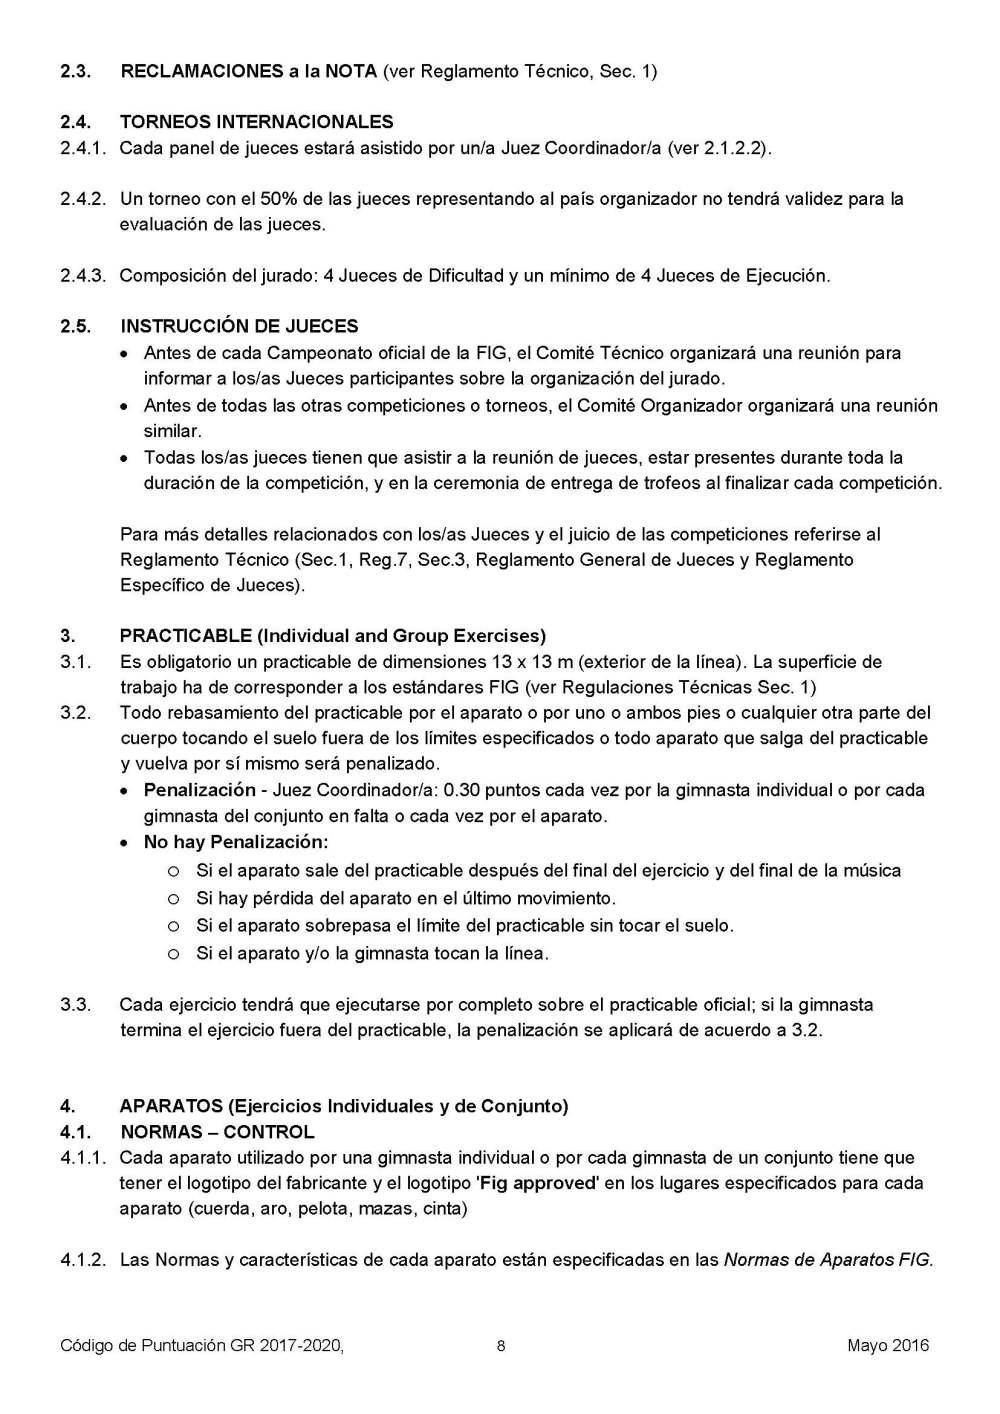 codigo20172020_Página_08